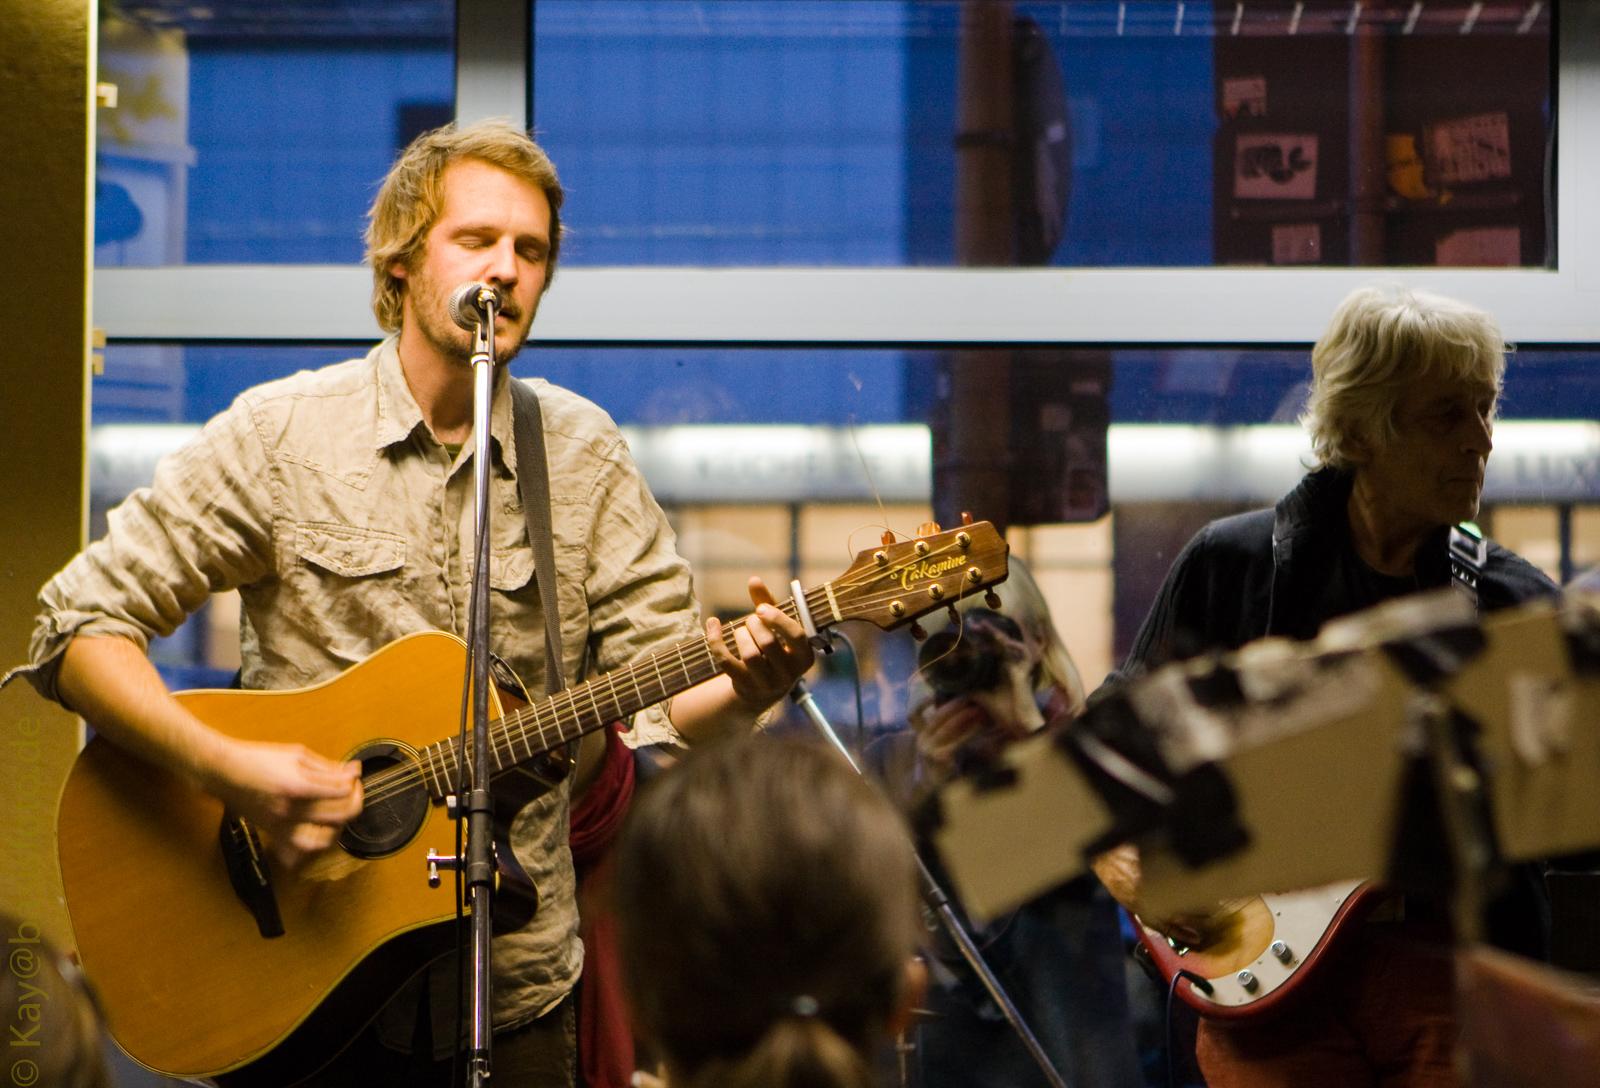 Michelle-Records, Hamburg - Gisbert zu Knyphausen (2008)